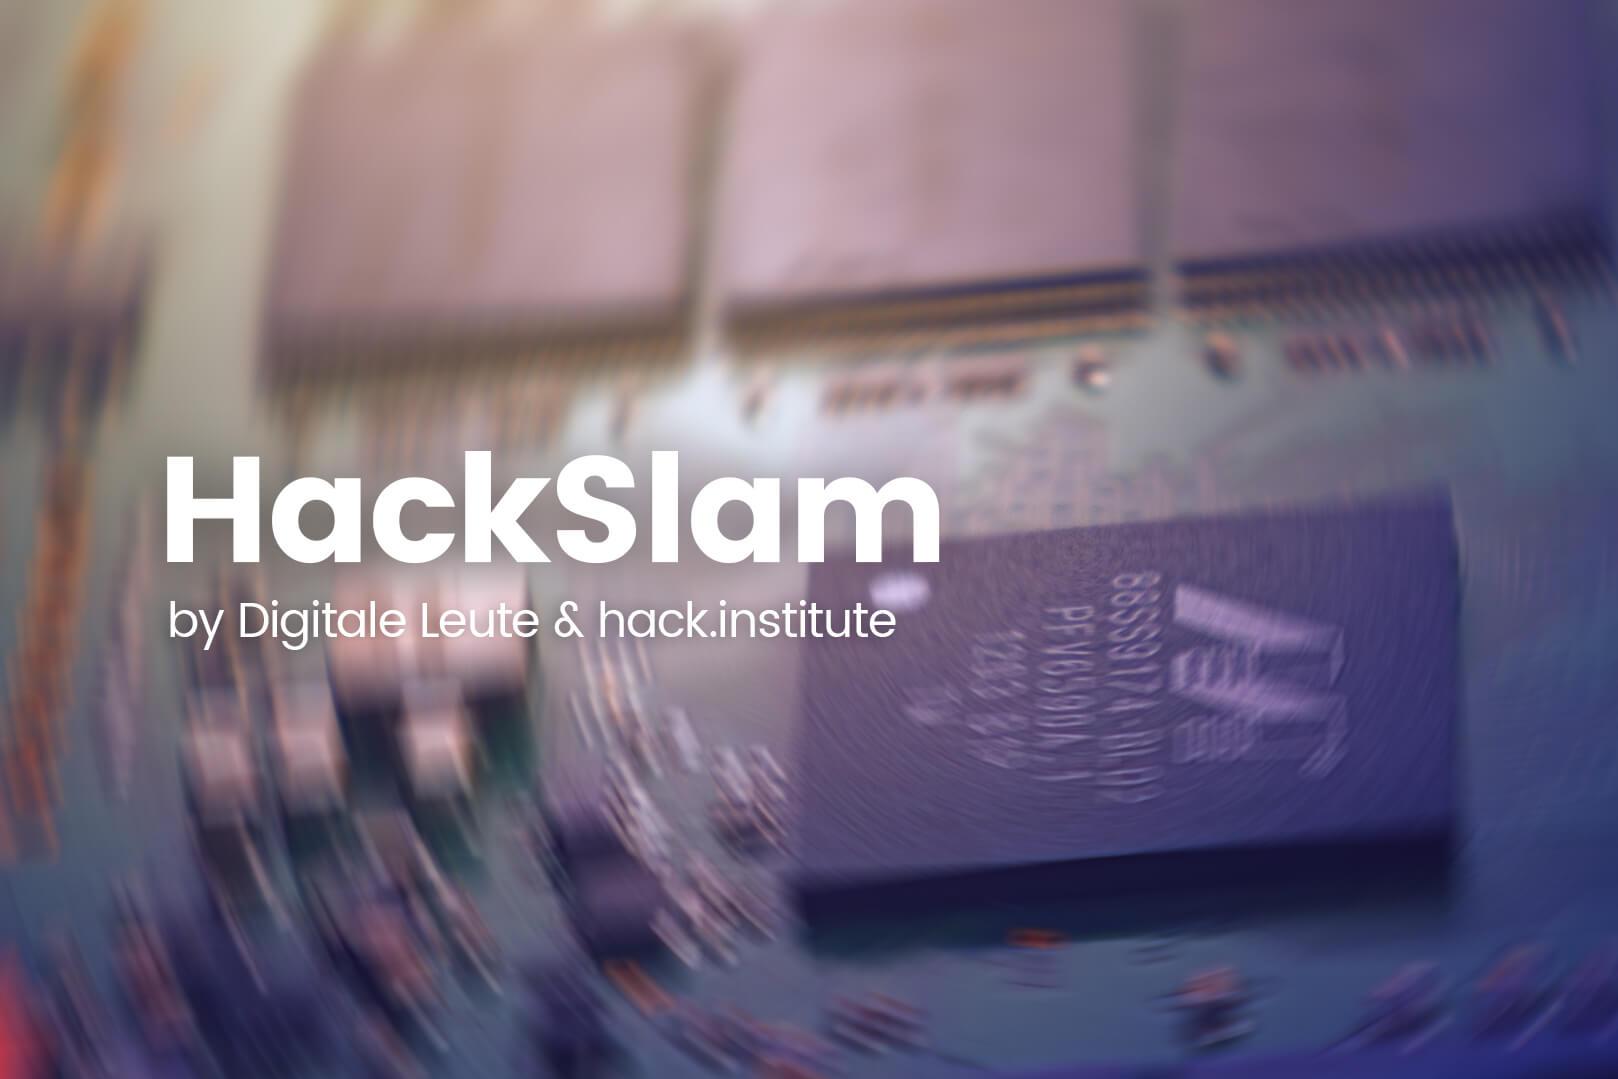 Eine Bühne für Hacker: Erster Hack-Slam Deutschlands